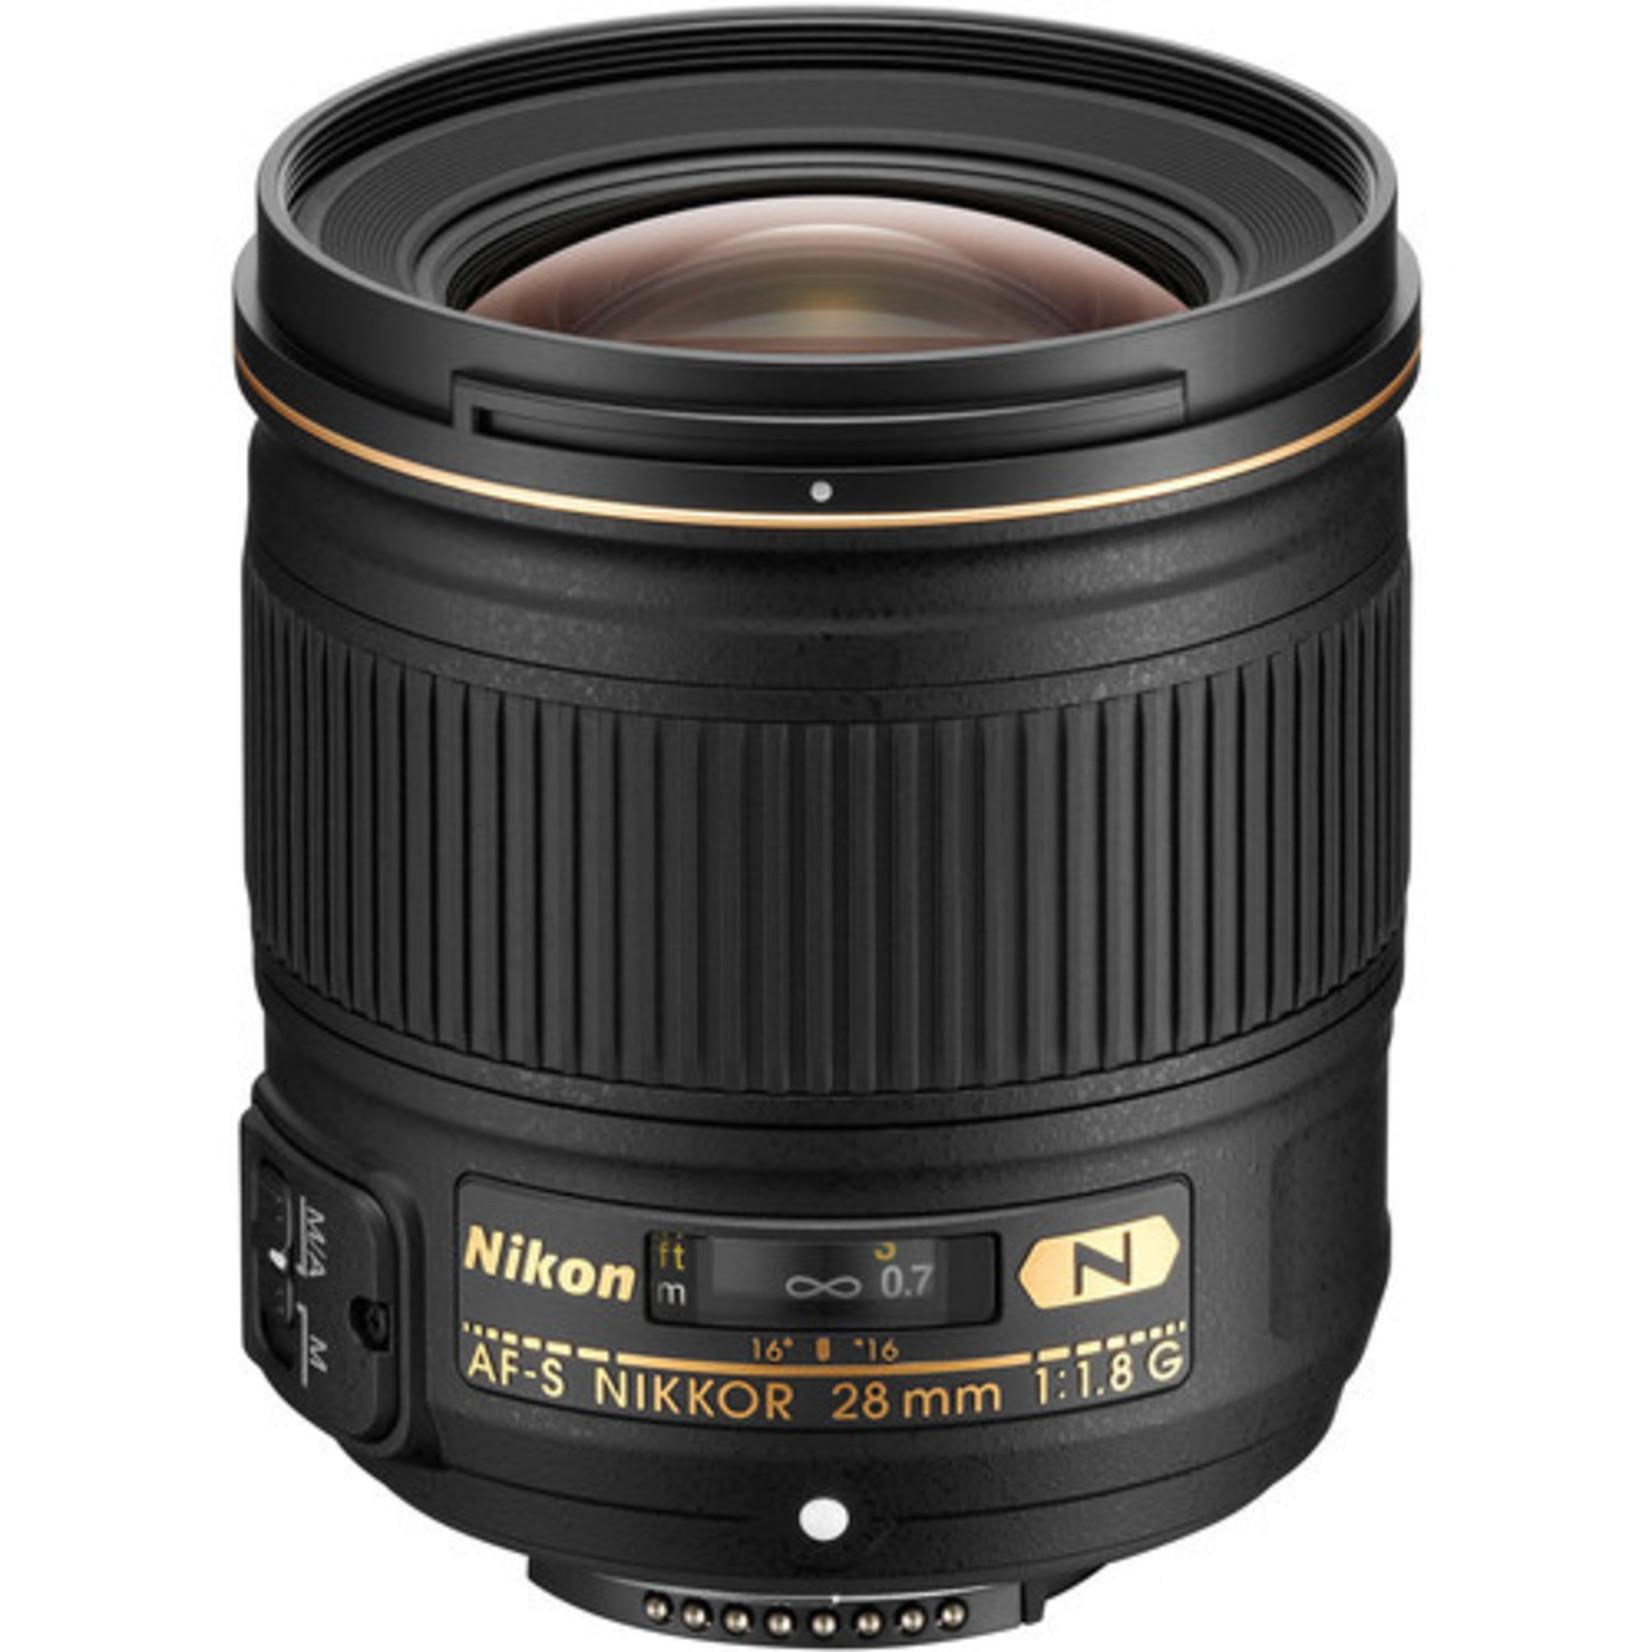 Nikon Nikon AF-S Nikkor 28mm f/1.8 G Lens